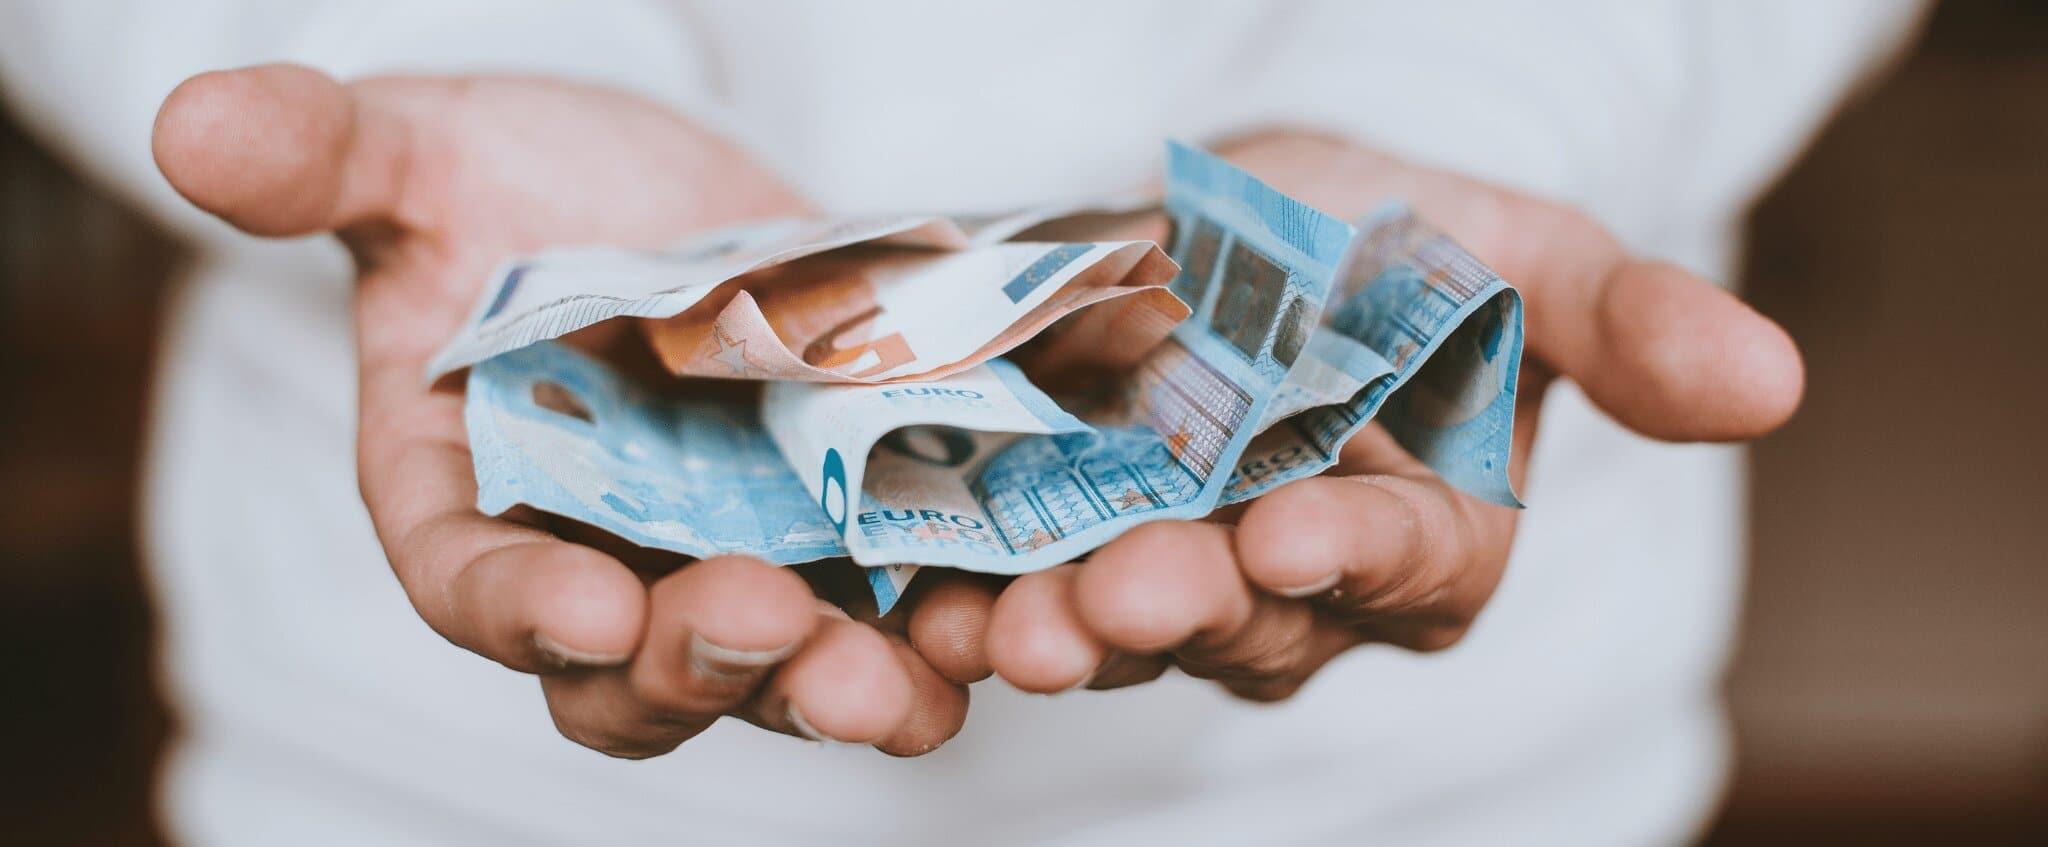 Oposiciones mejor pagadas: ¿cuáles son?